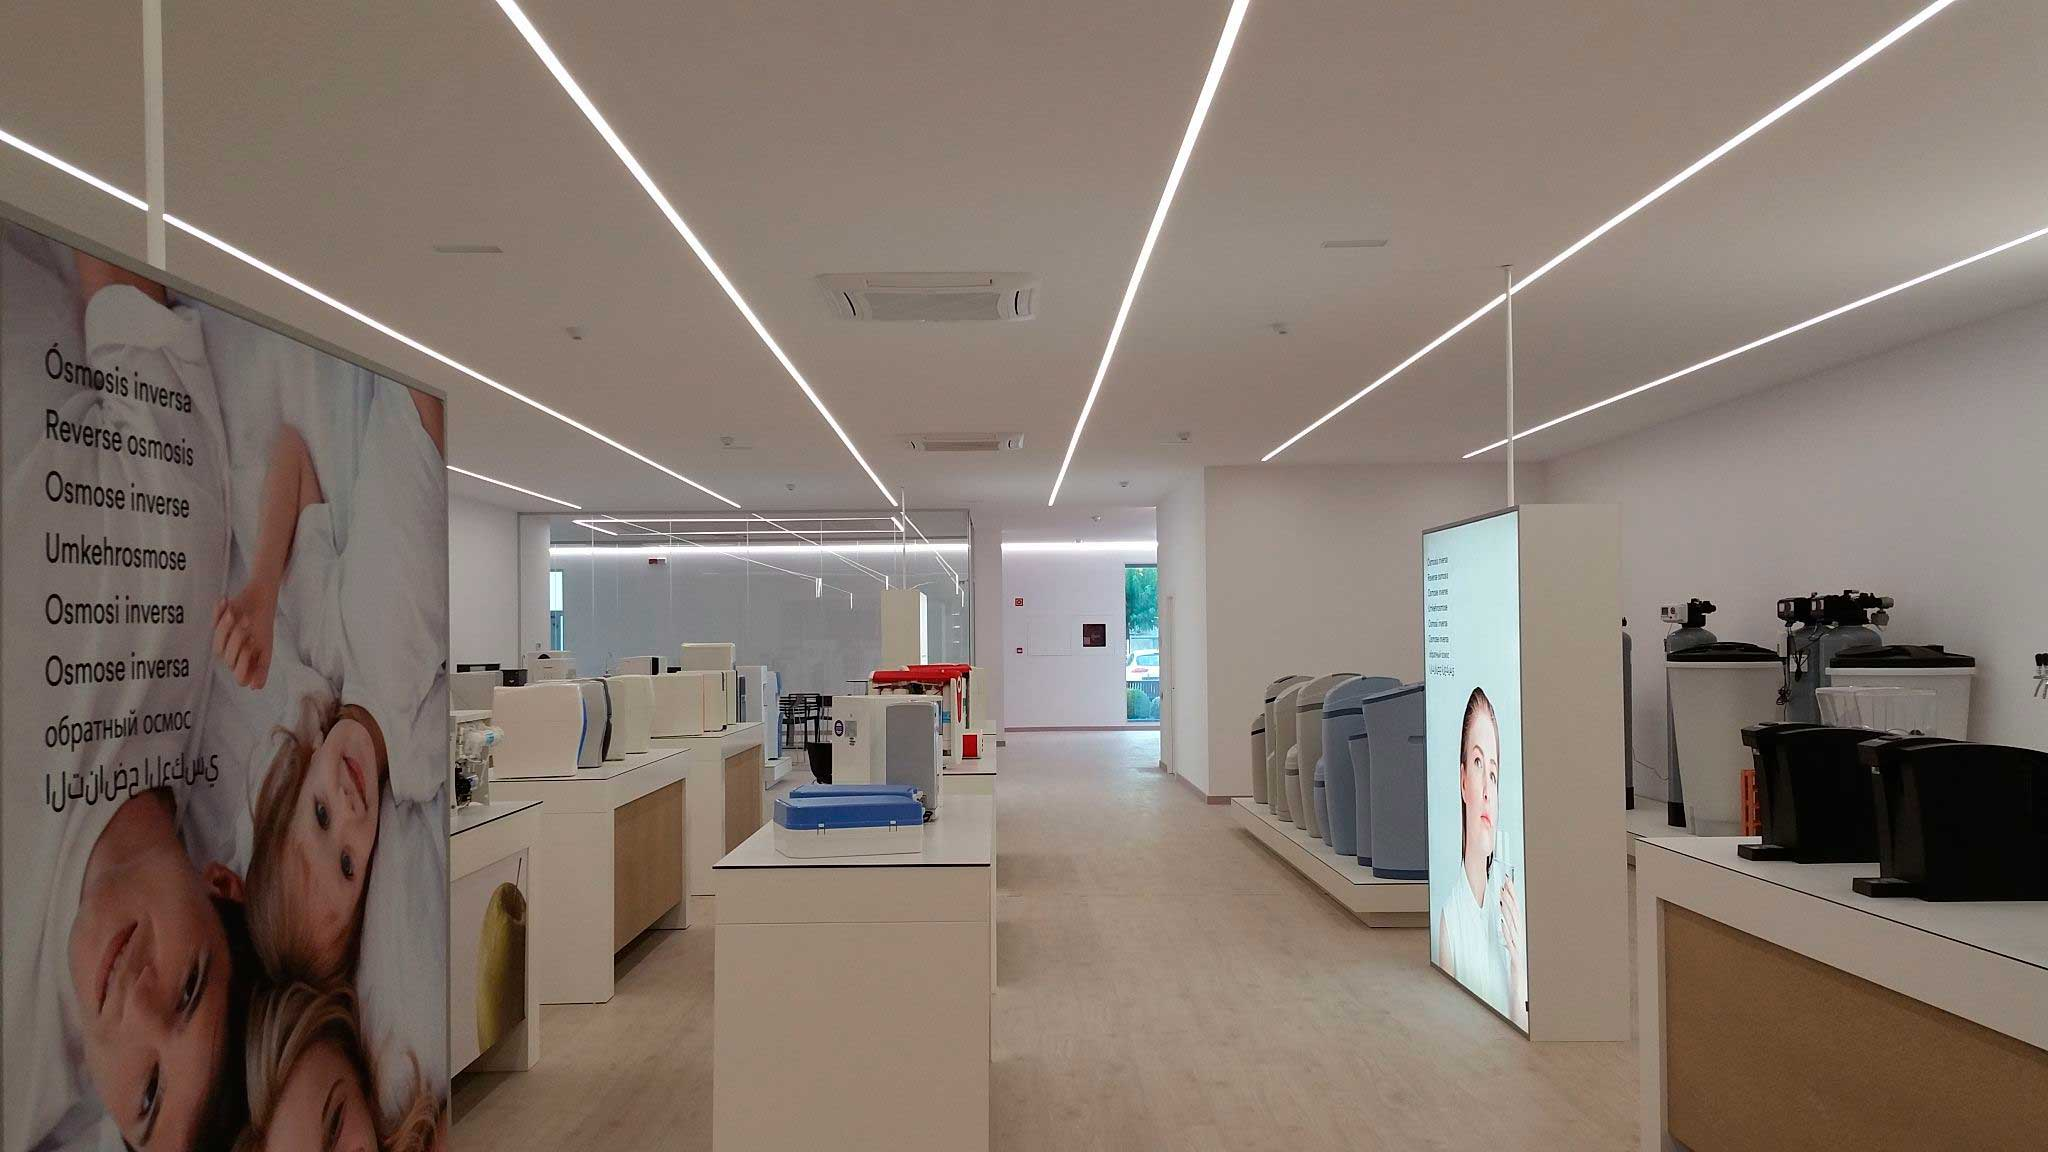 Energia sostenible, reduccion de consumo mejora del bien estar gracias a la iluminación led integrada por luxes